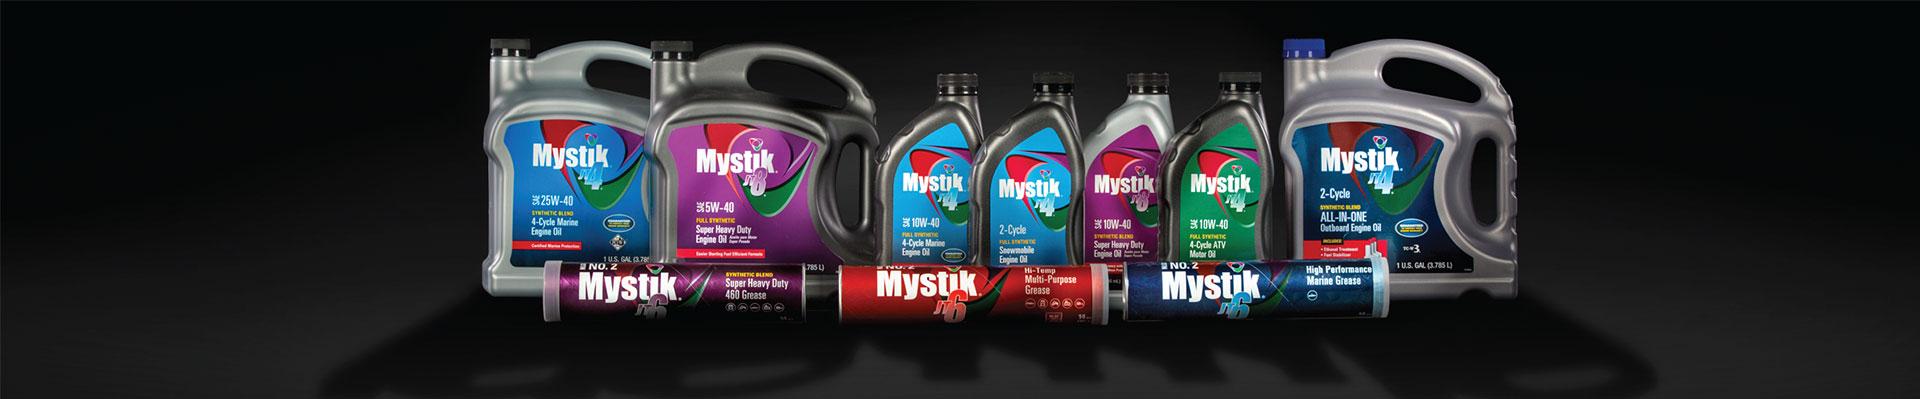 Mystik Lubricants Sutton System Sales